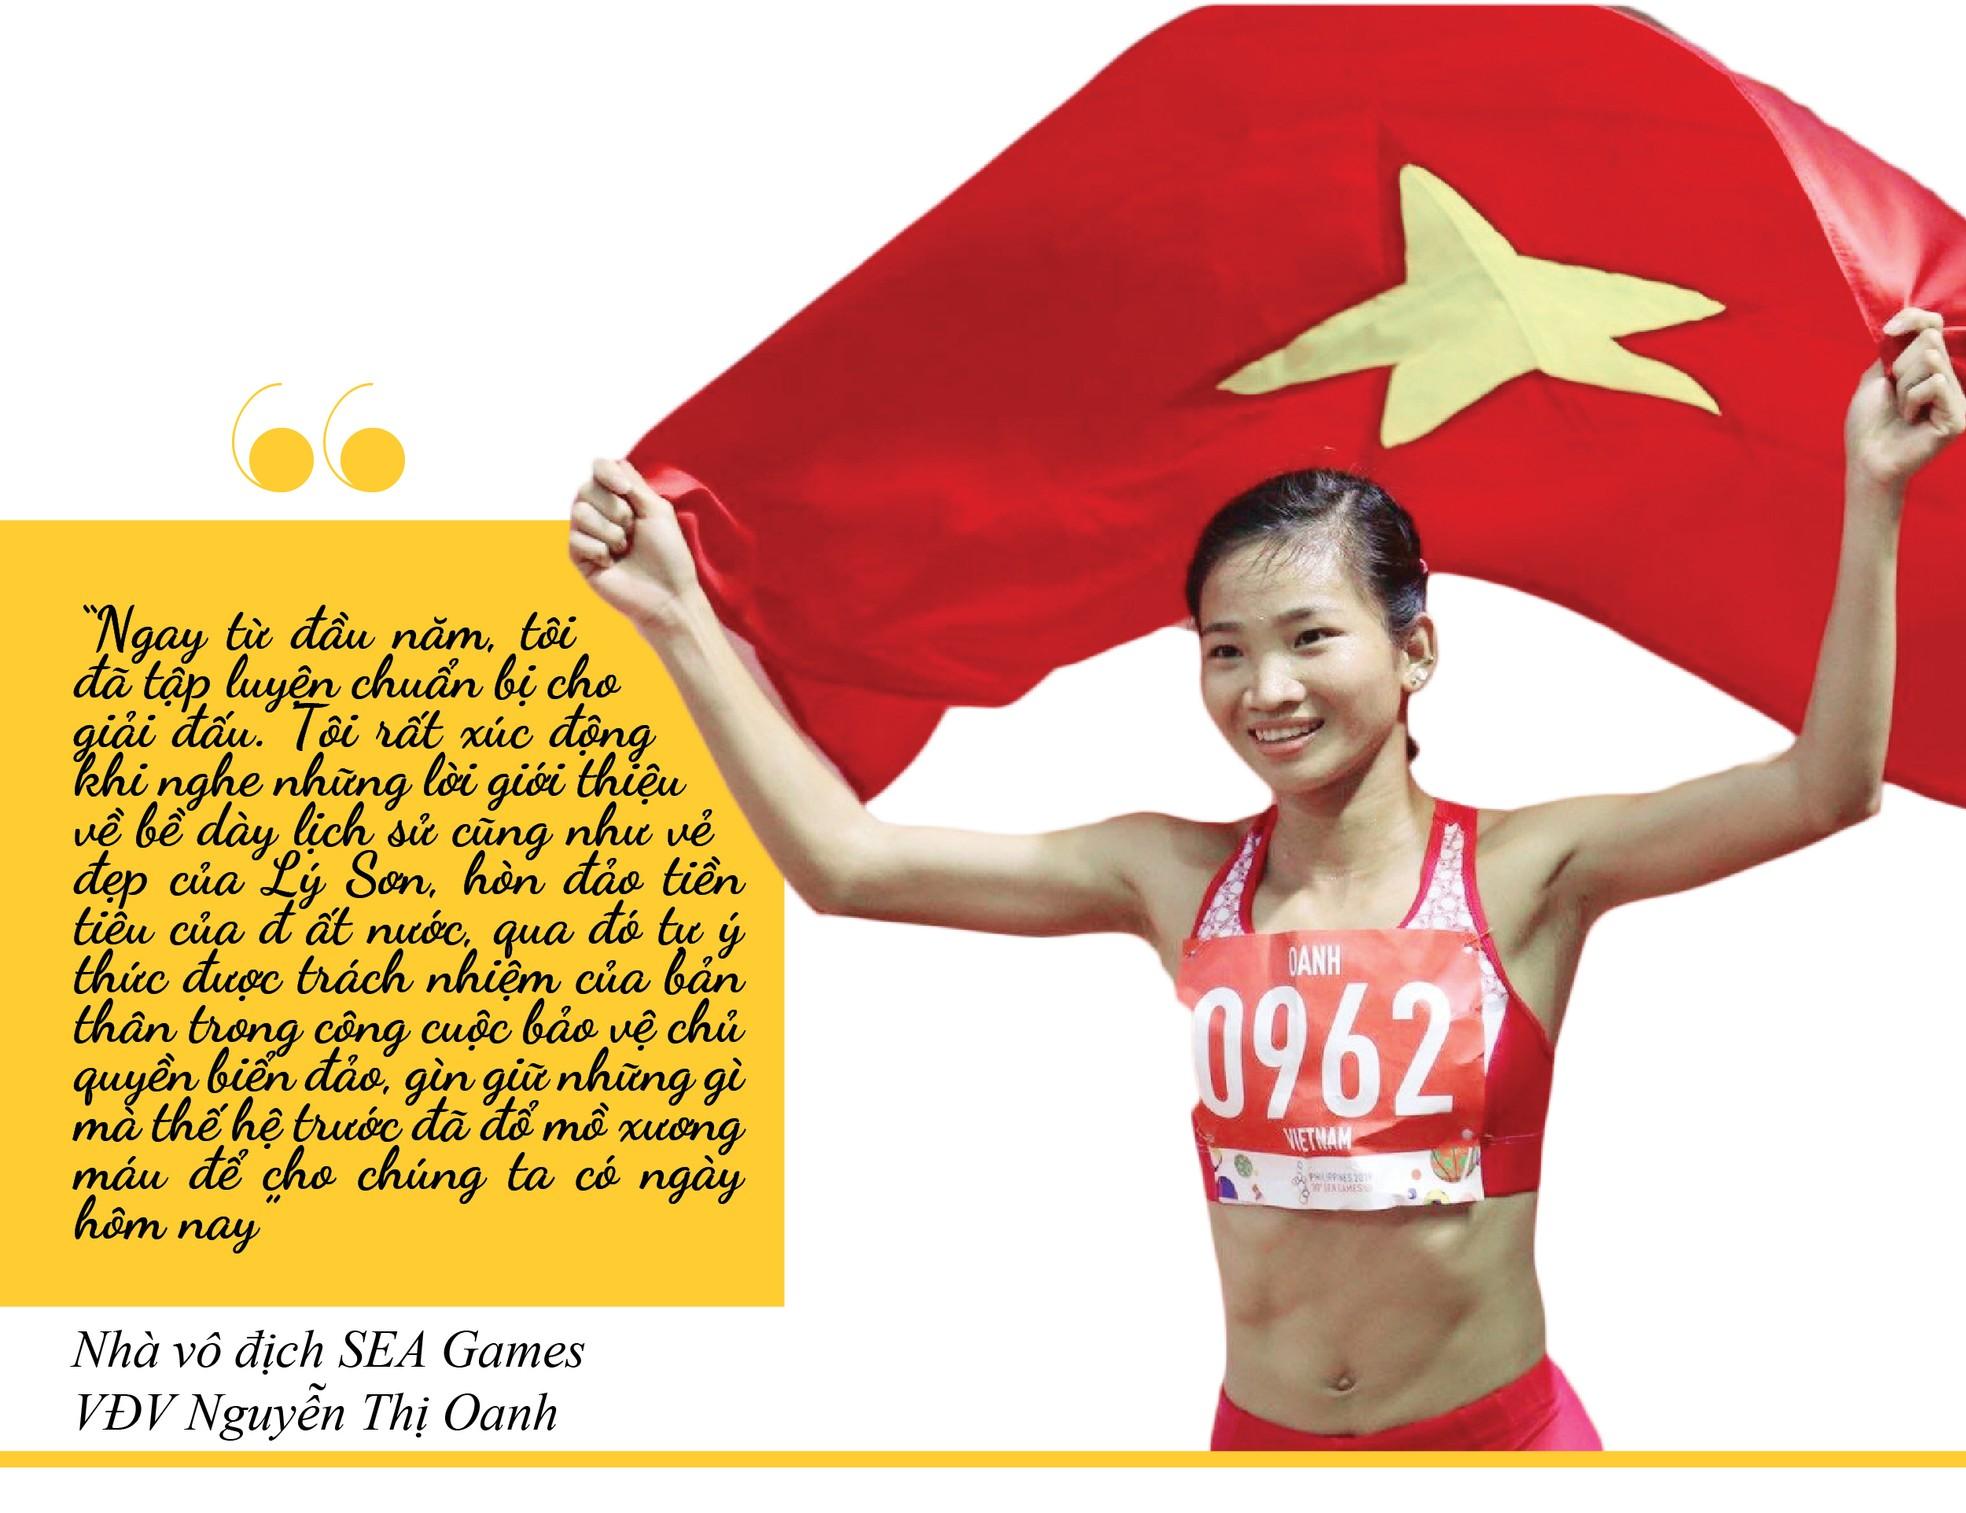 Mục kích đường chạy đẹp như mơ của Tiền Phong Marathon tại Lý Sơn ảnh 6